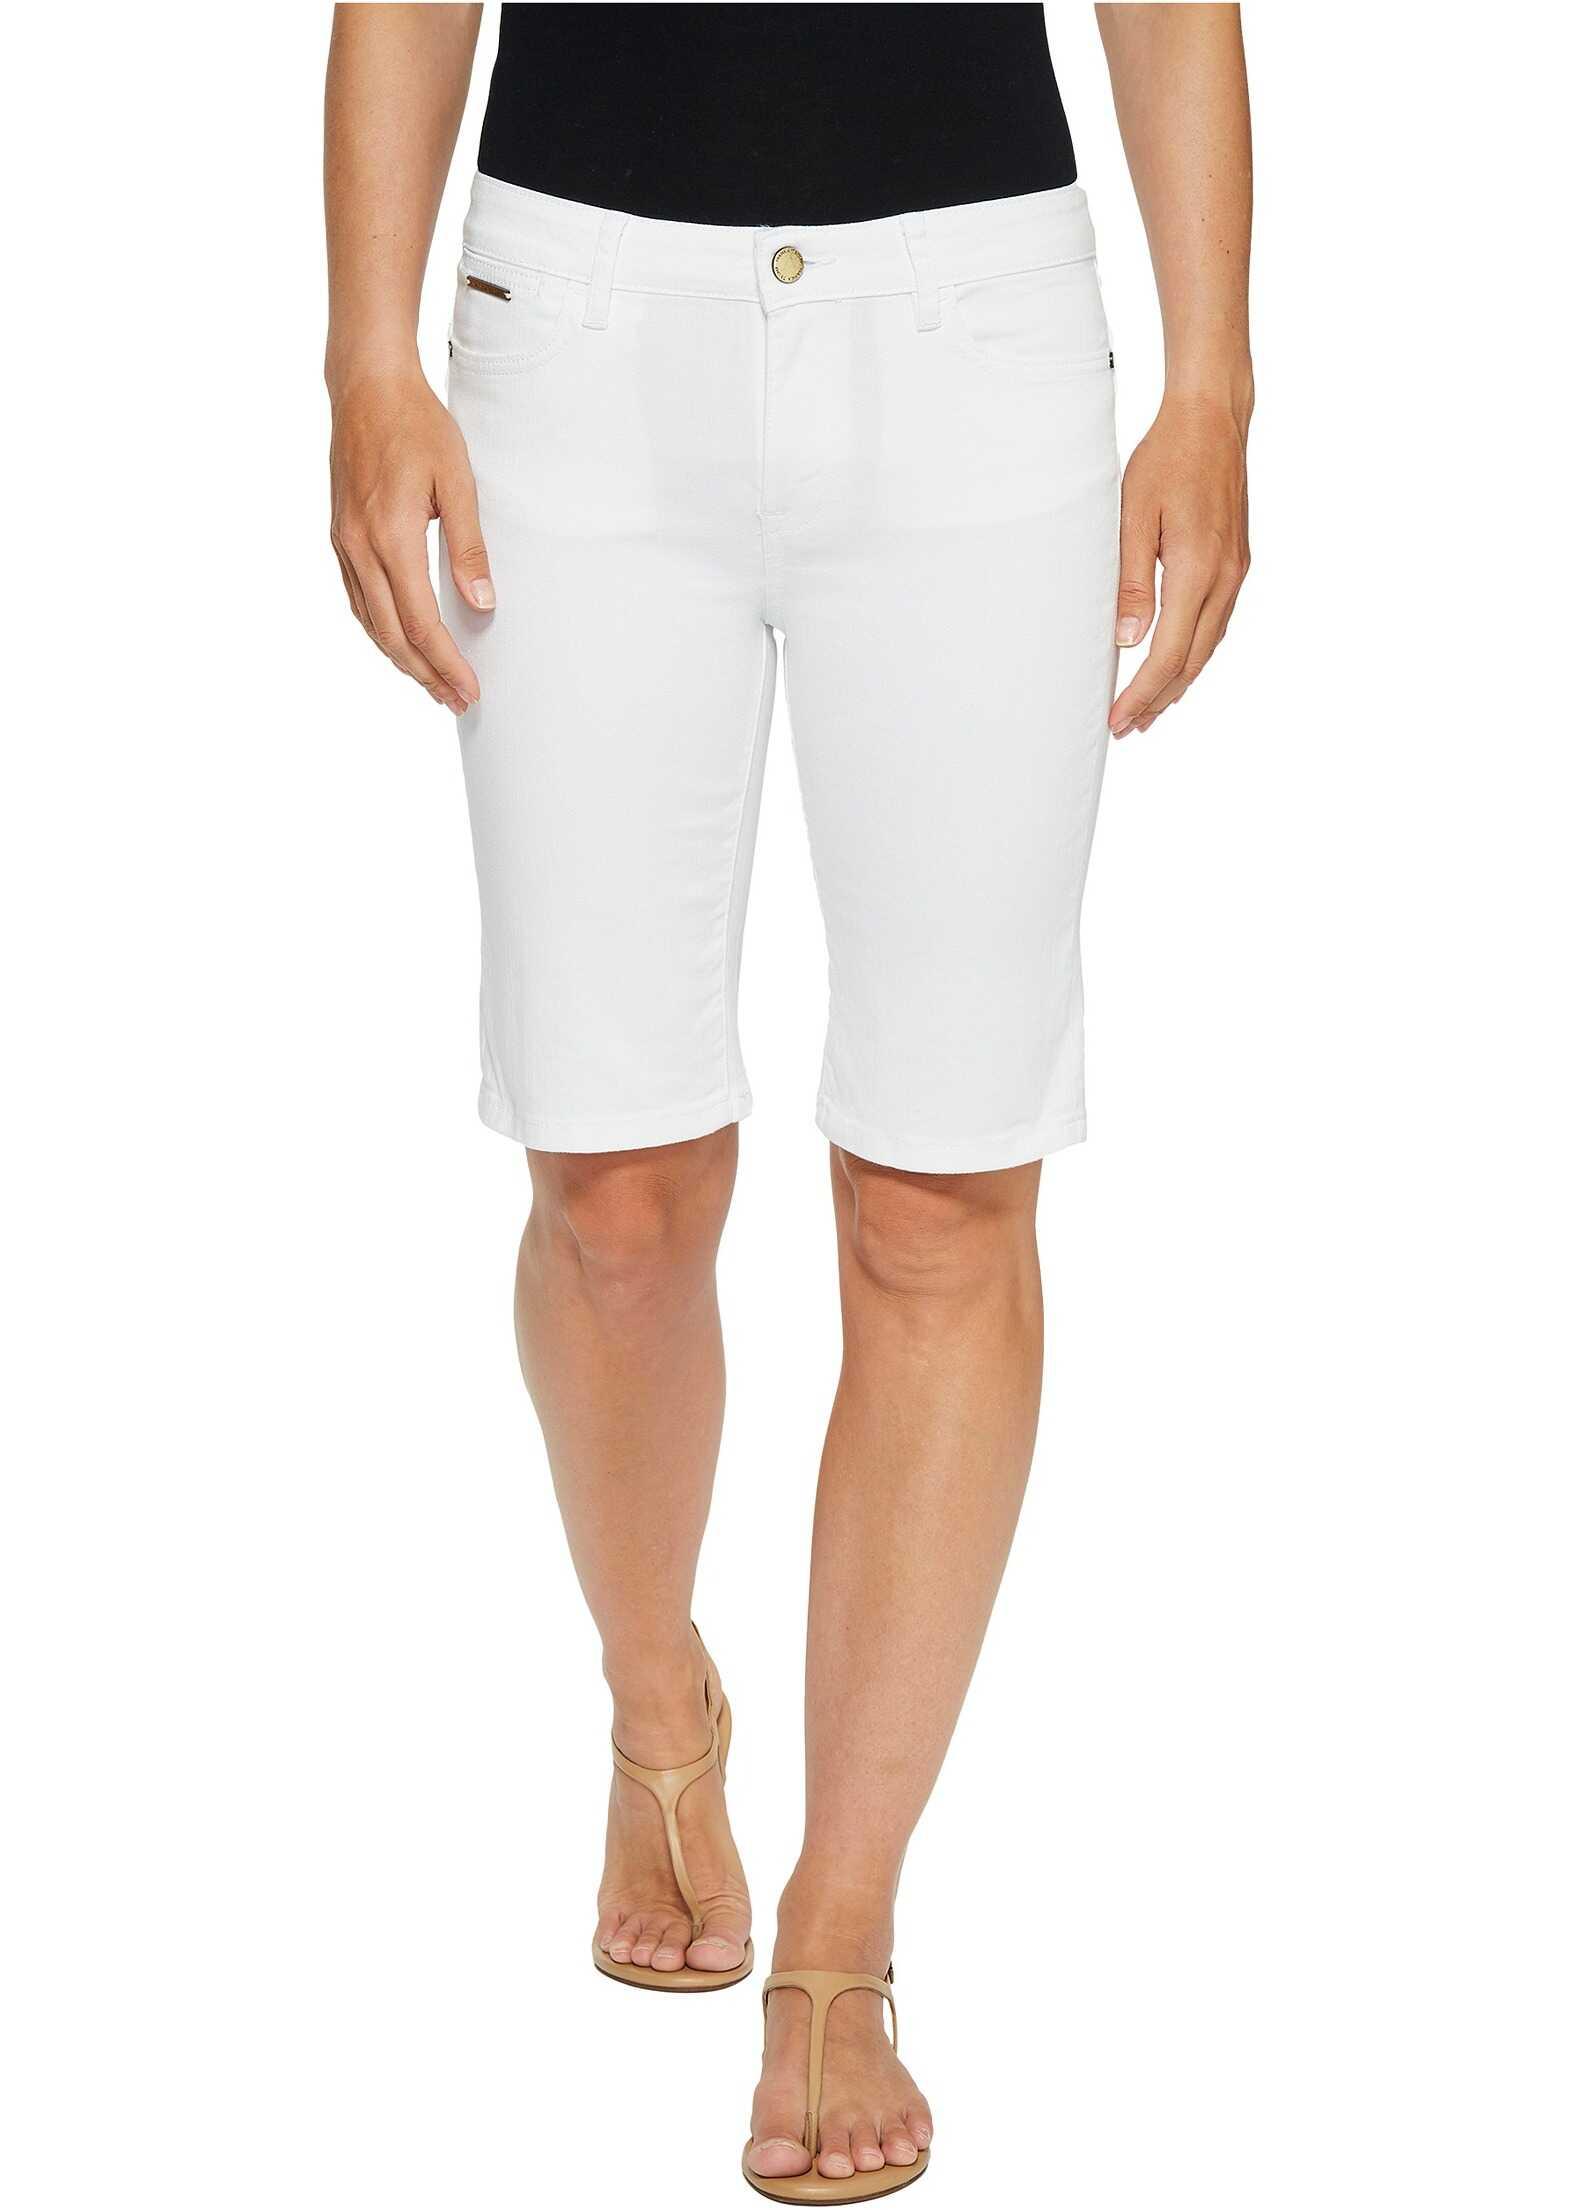 Ivanka Trump Denim Bermuda Shorts in White White